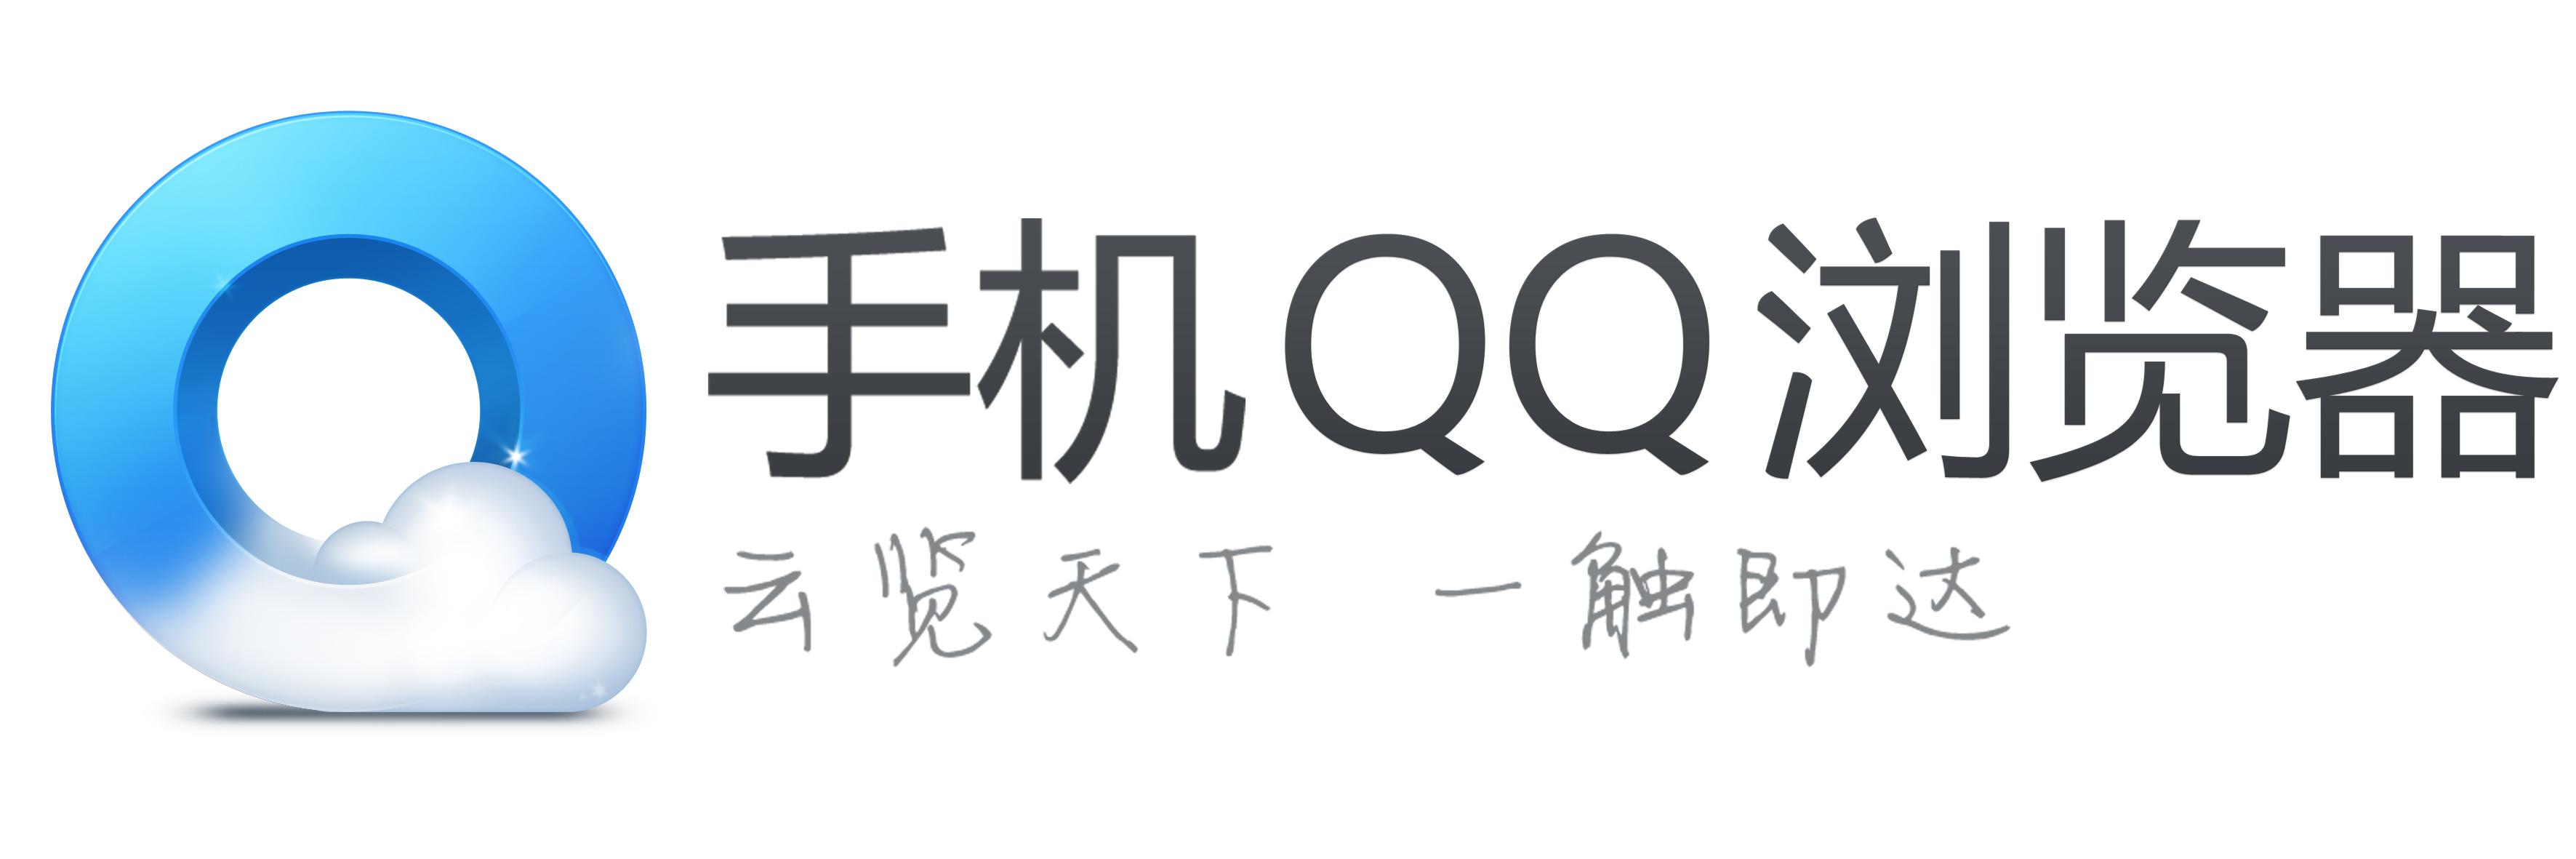 腾讯手机qq浏览器logo.jpg